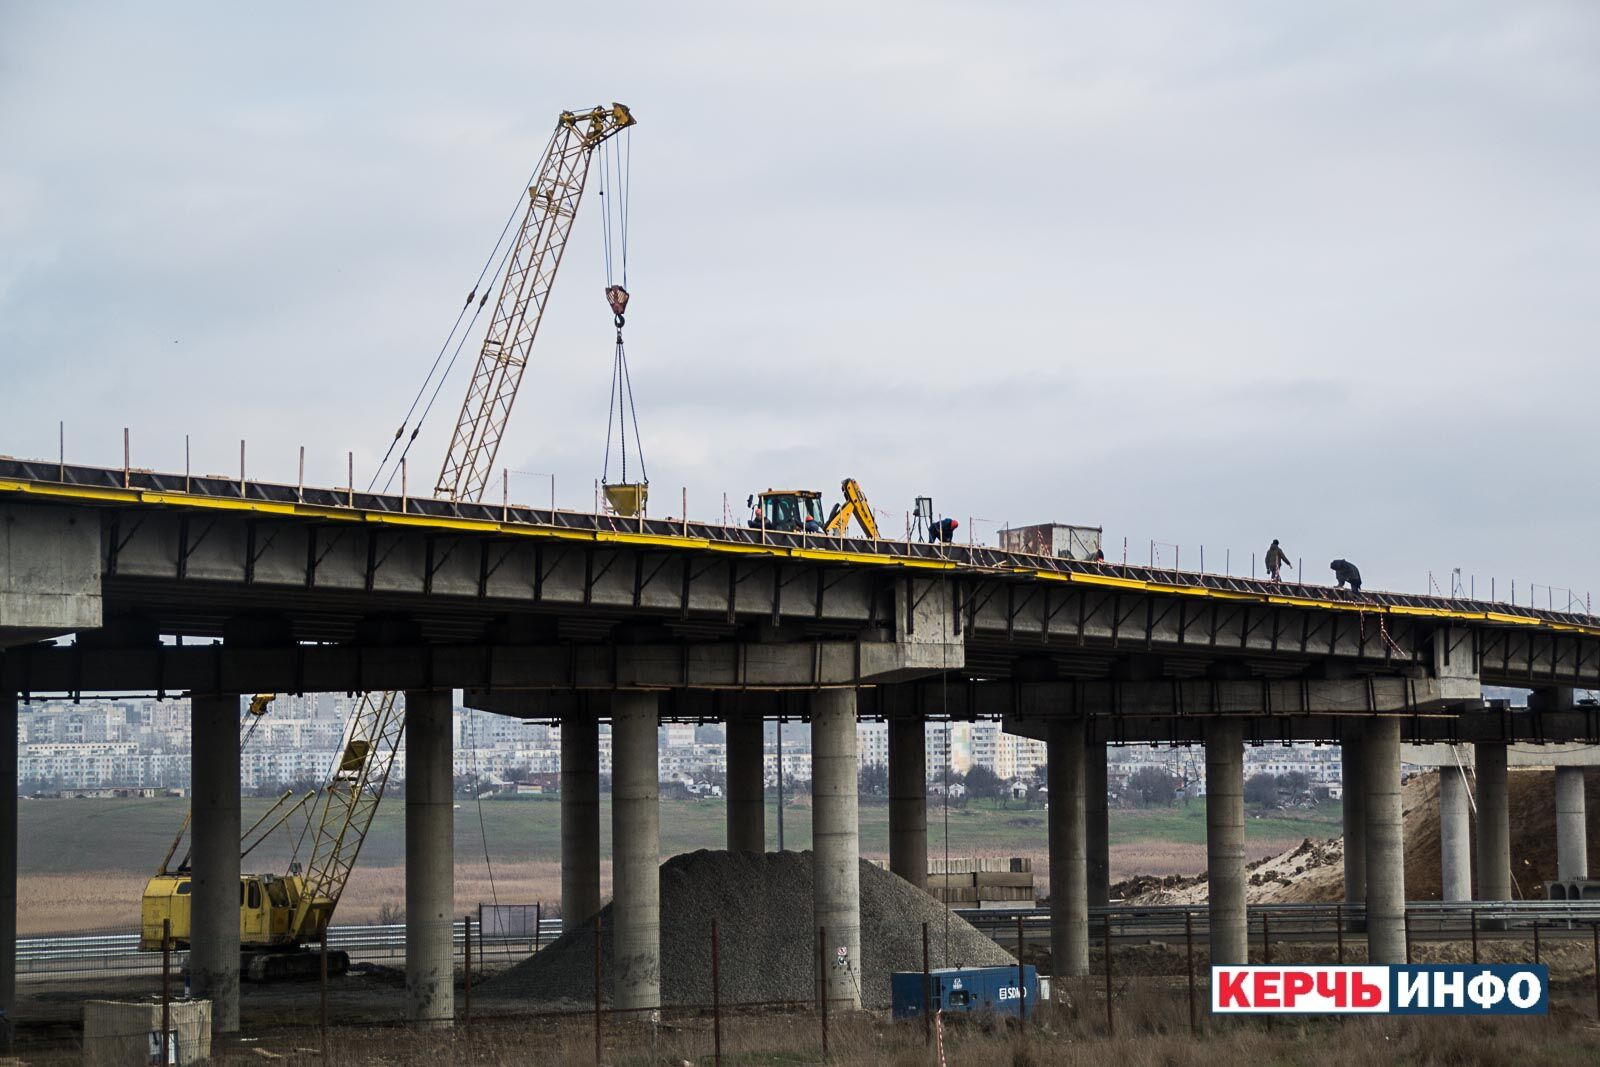 Окупанти похвалилися знімками Кримського моста